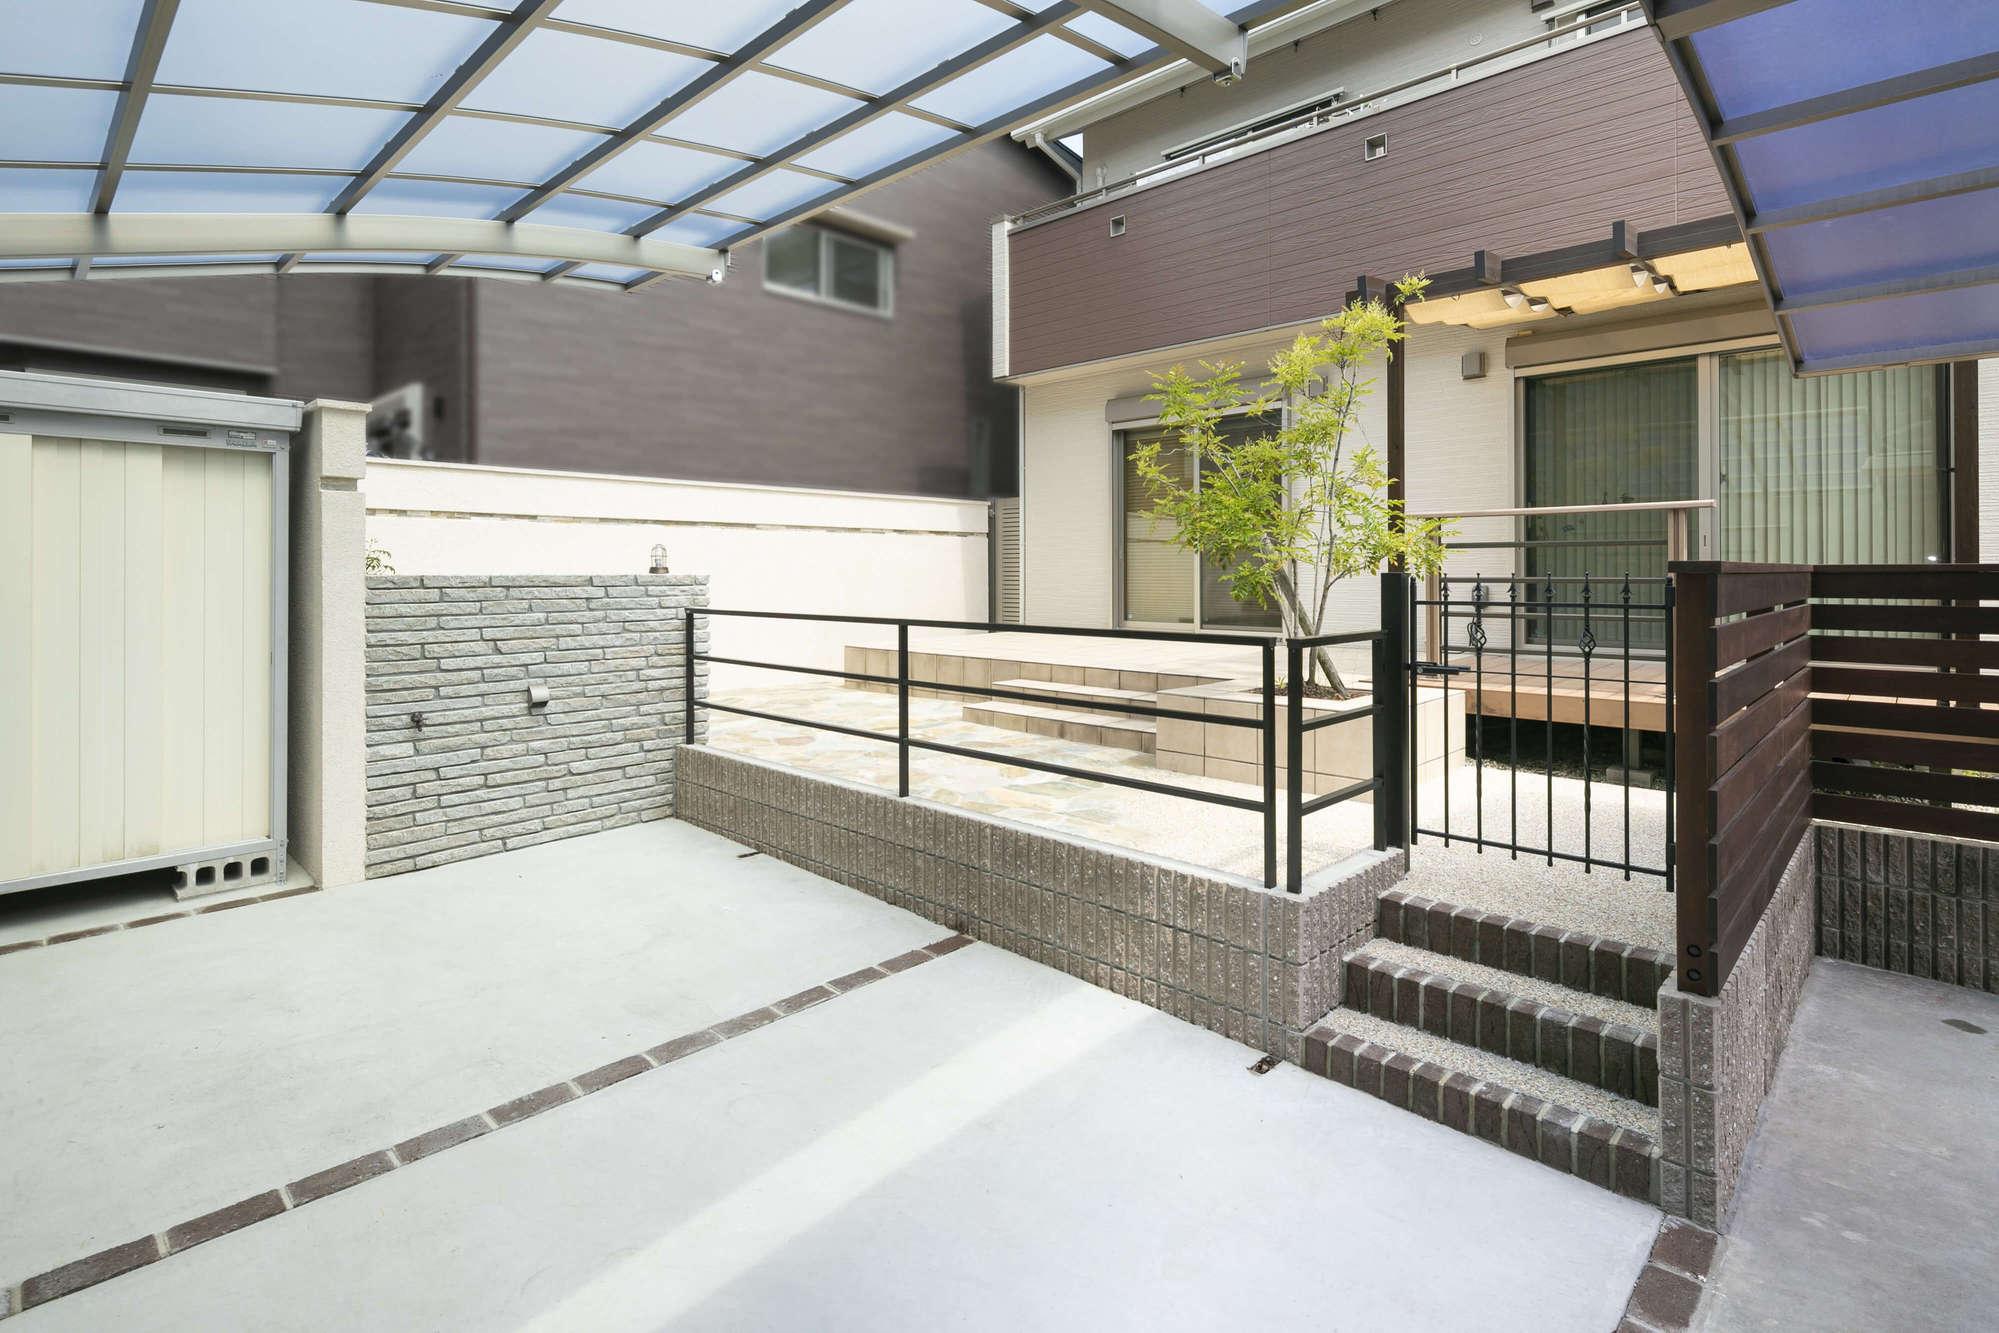 リフォーム外構 リノベーション 外構リフォーム ガーデンリフォーム ガーデンデザイン